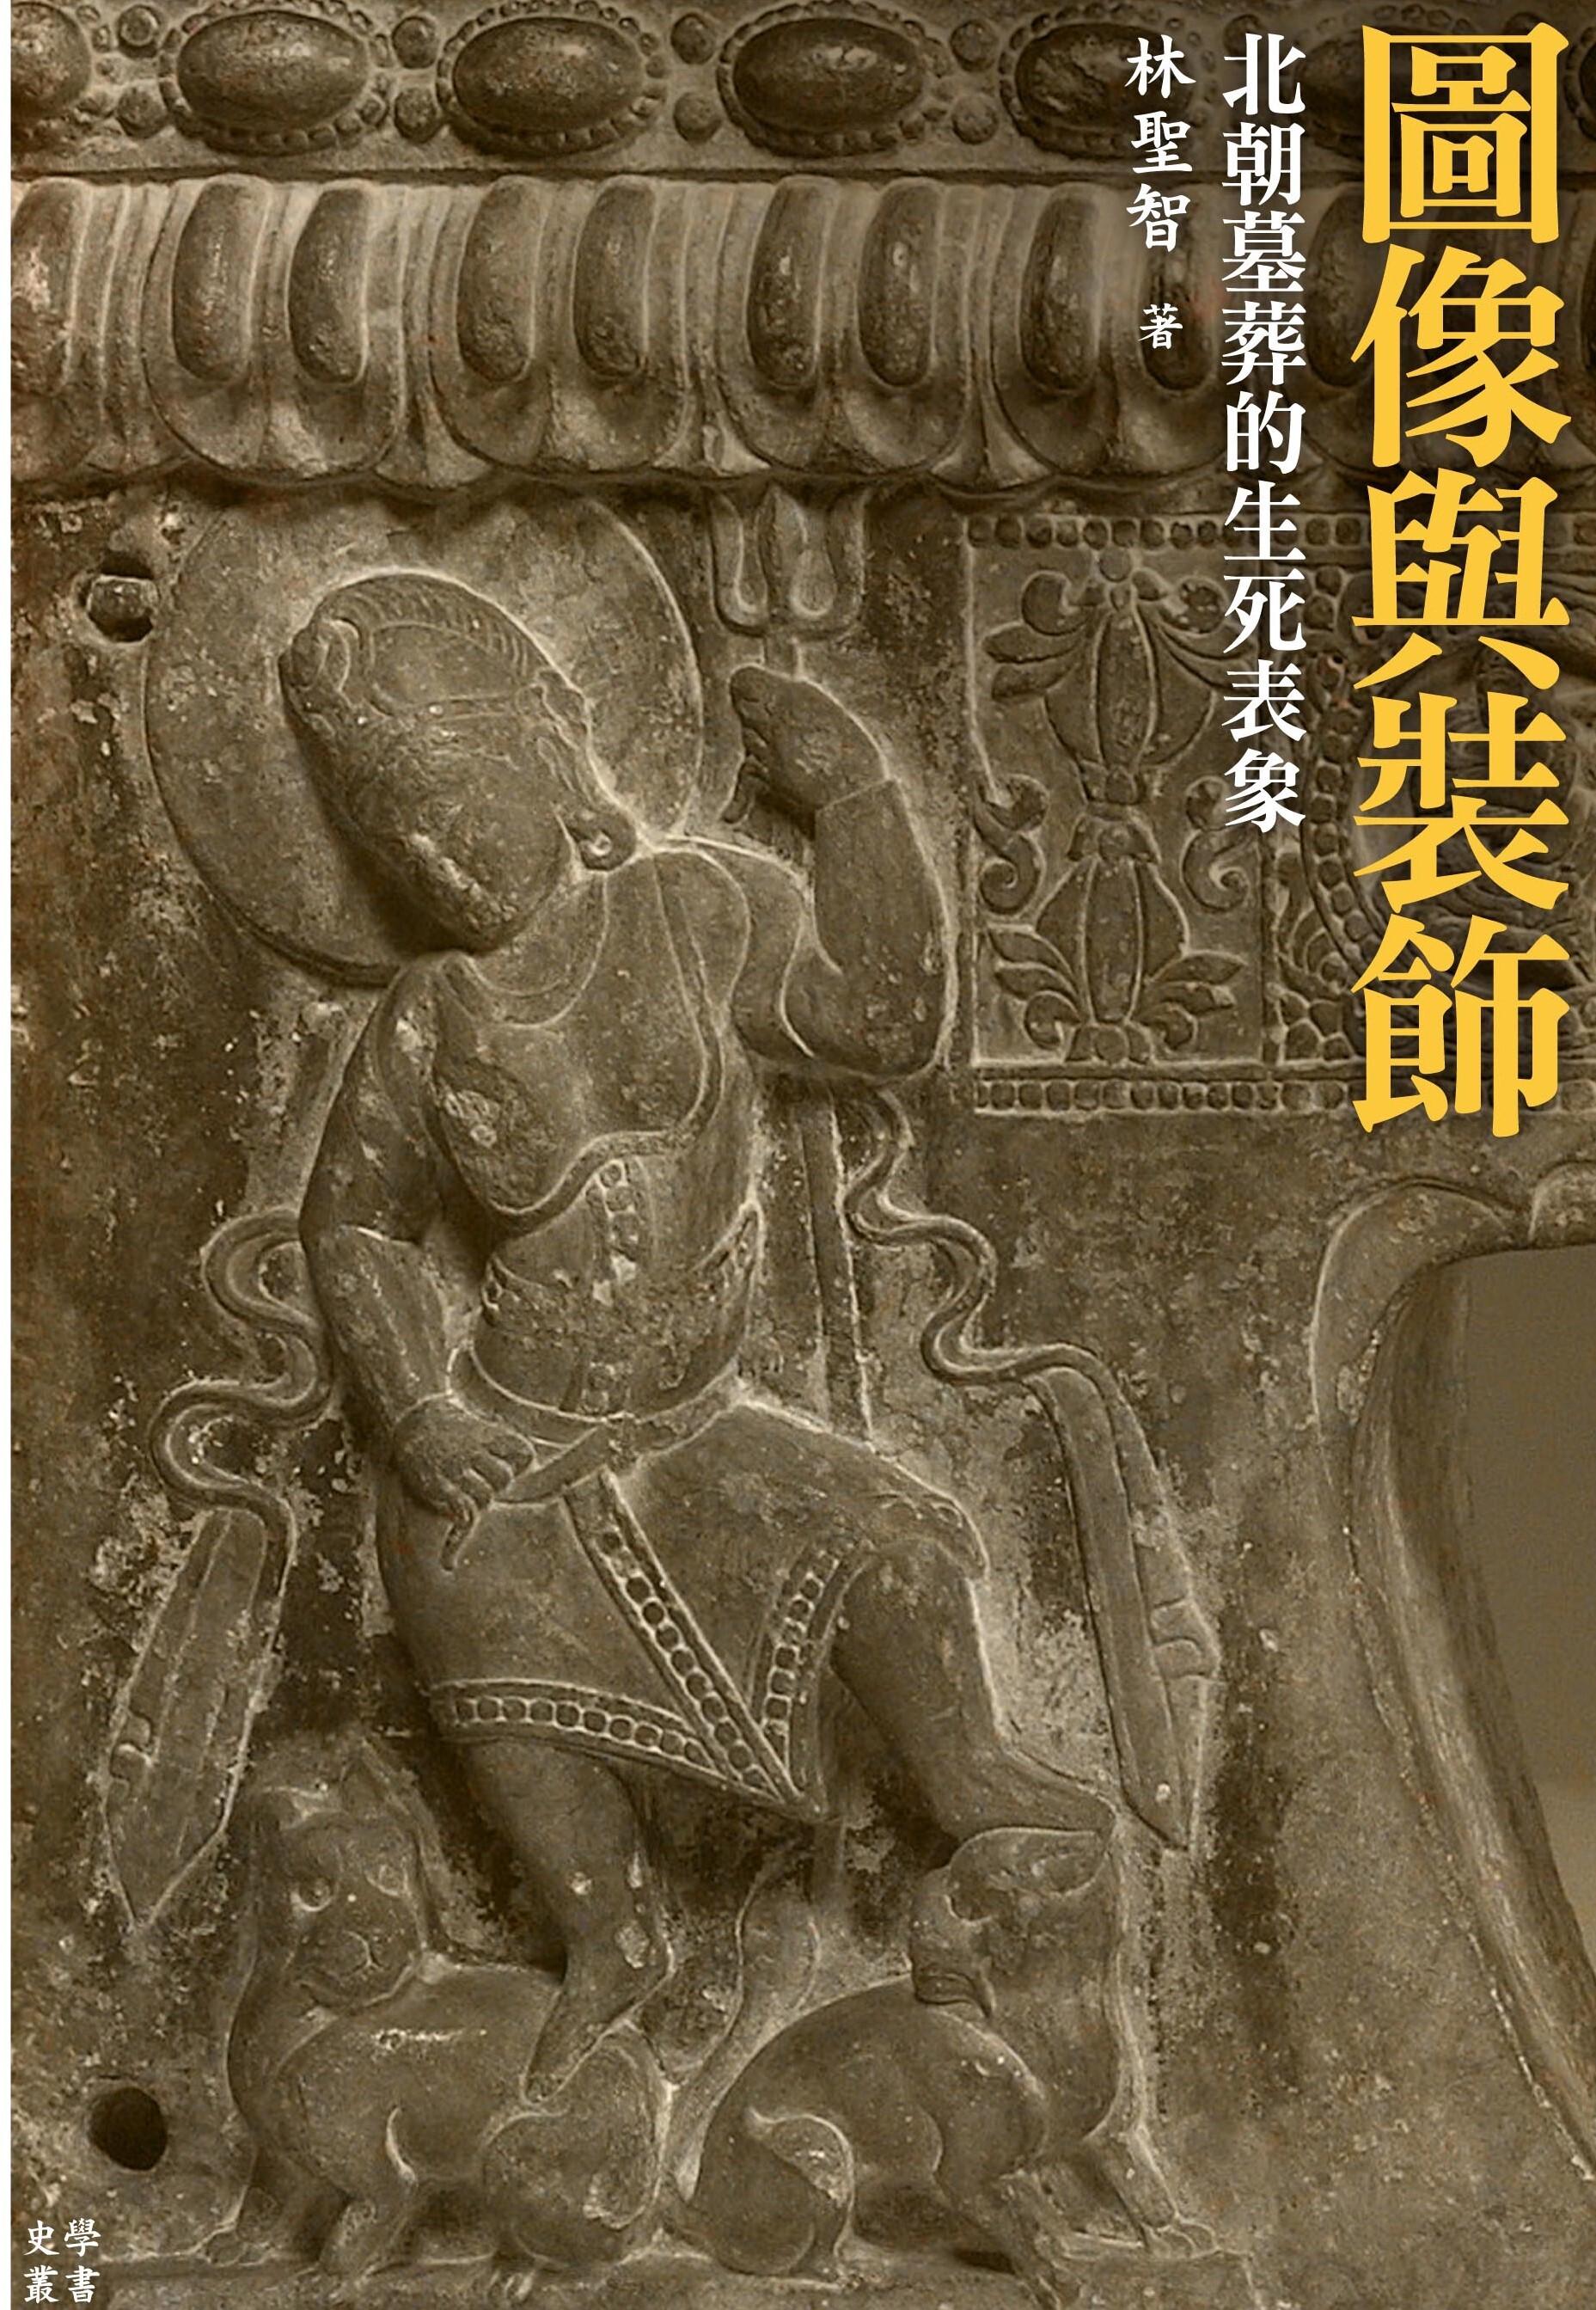 圖像與裝飾 : 北朝墓葬的生死表象 = Image and ornament : the representation of death in the northern dynasties